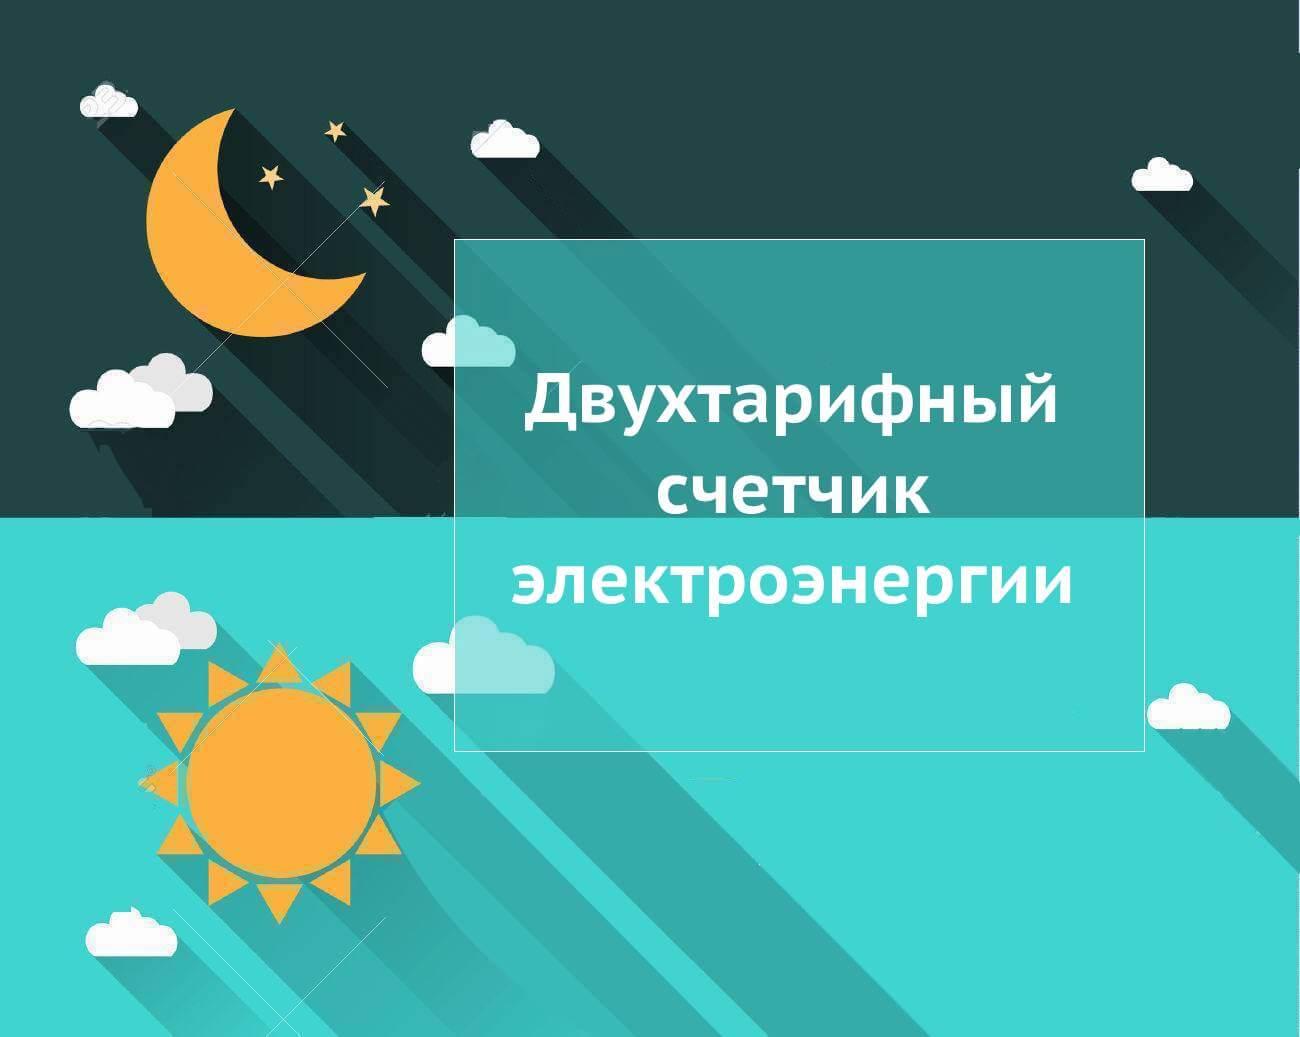 1566932747_dvuhtarifnyy-schetchik-elektroenergii.jpg